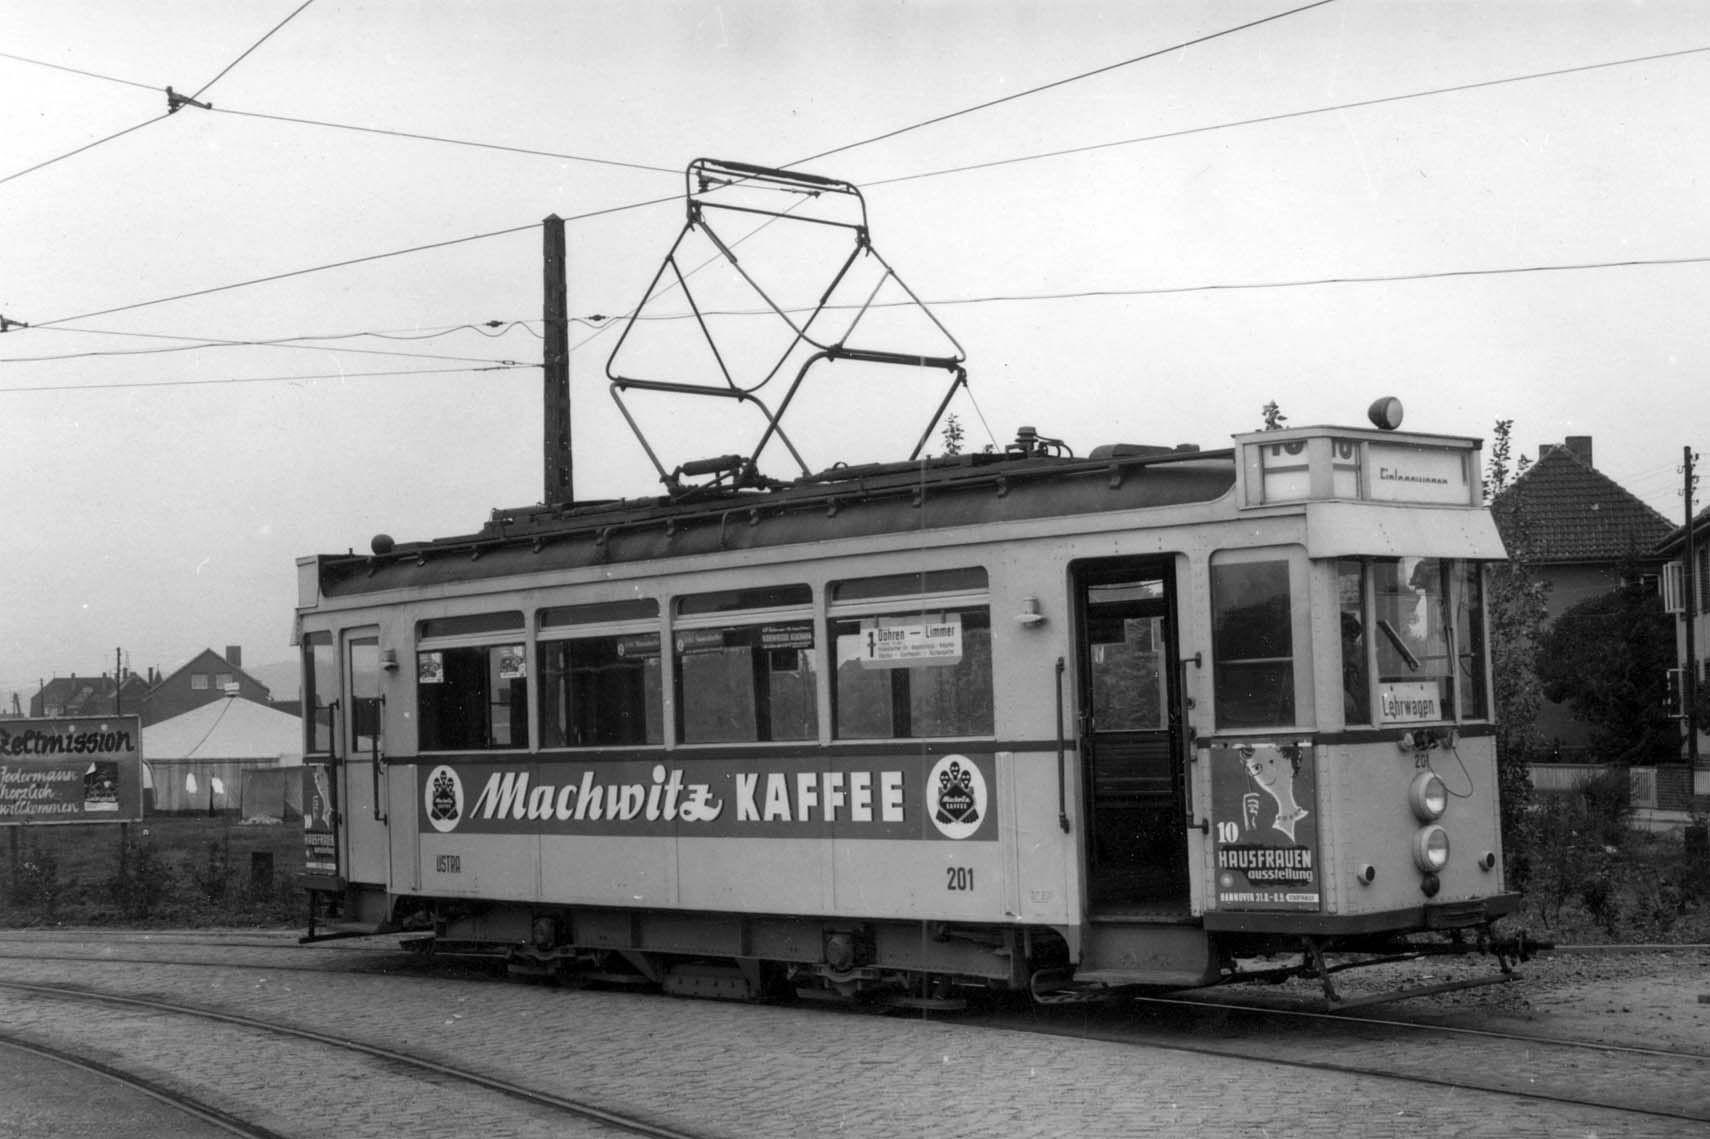 Ein Hannoverscher Stahlwagen mit der für diese Zeit typischen Machwitz-Werbeaufschrift